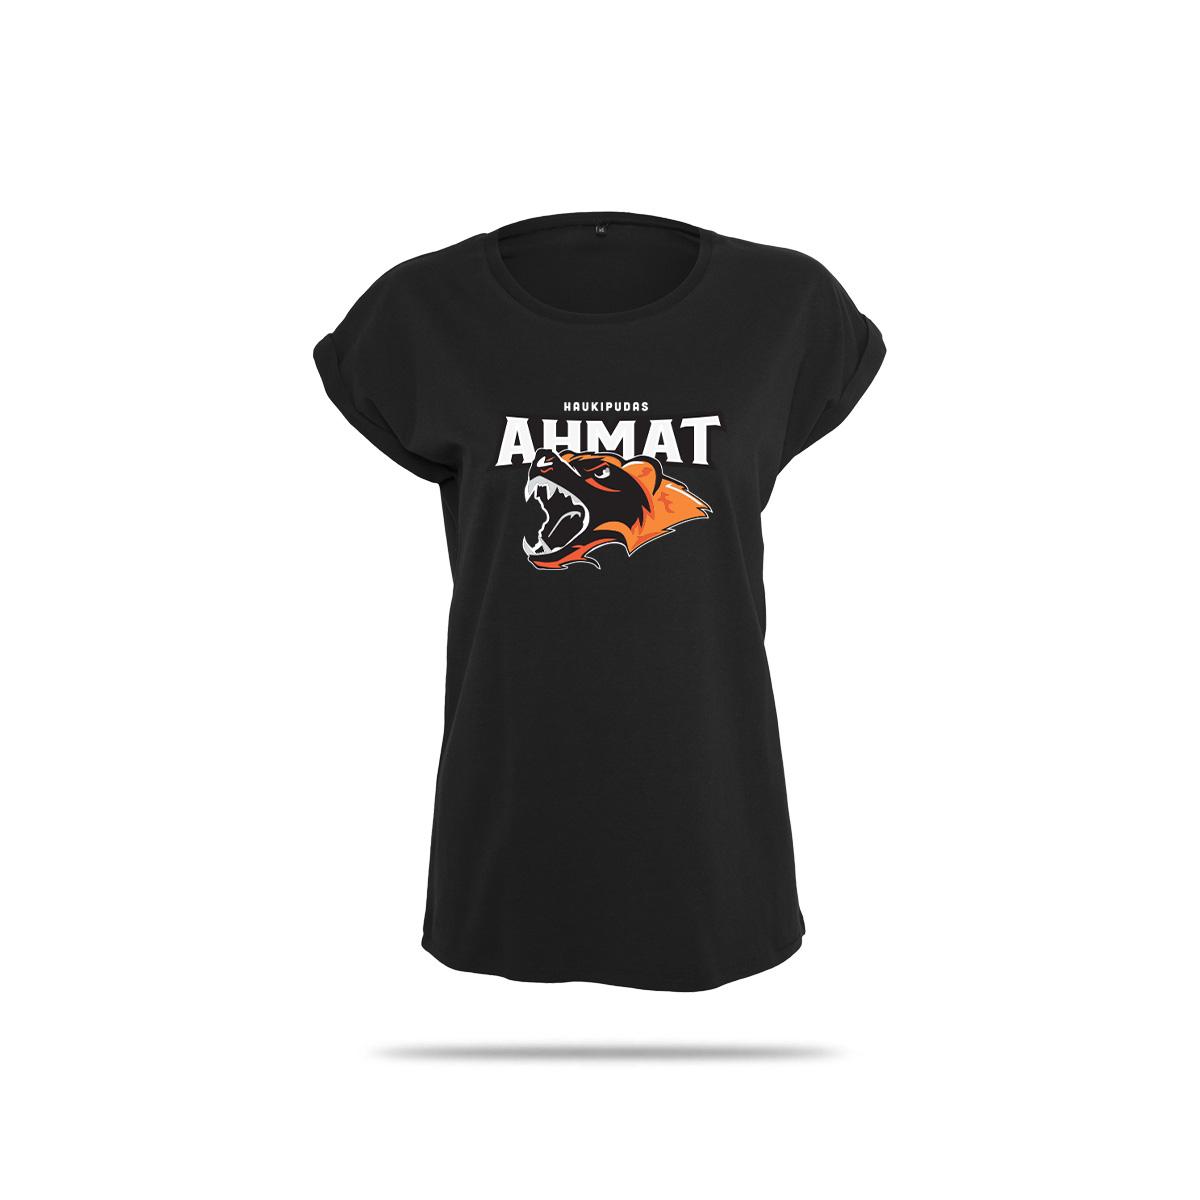 Ahmat-fani-6006-N-musta-original